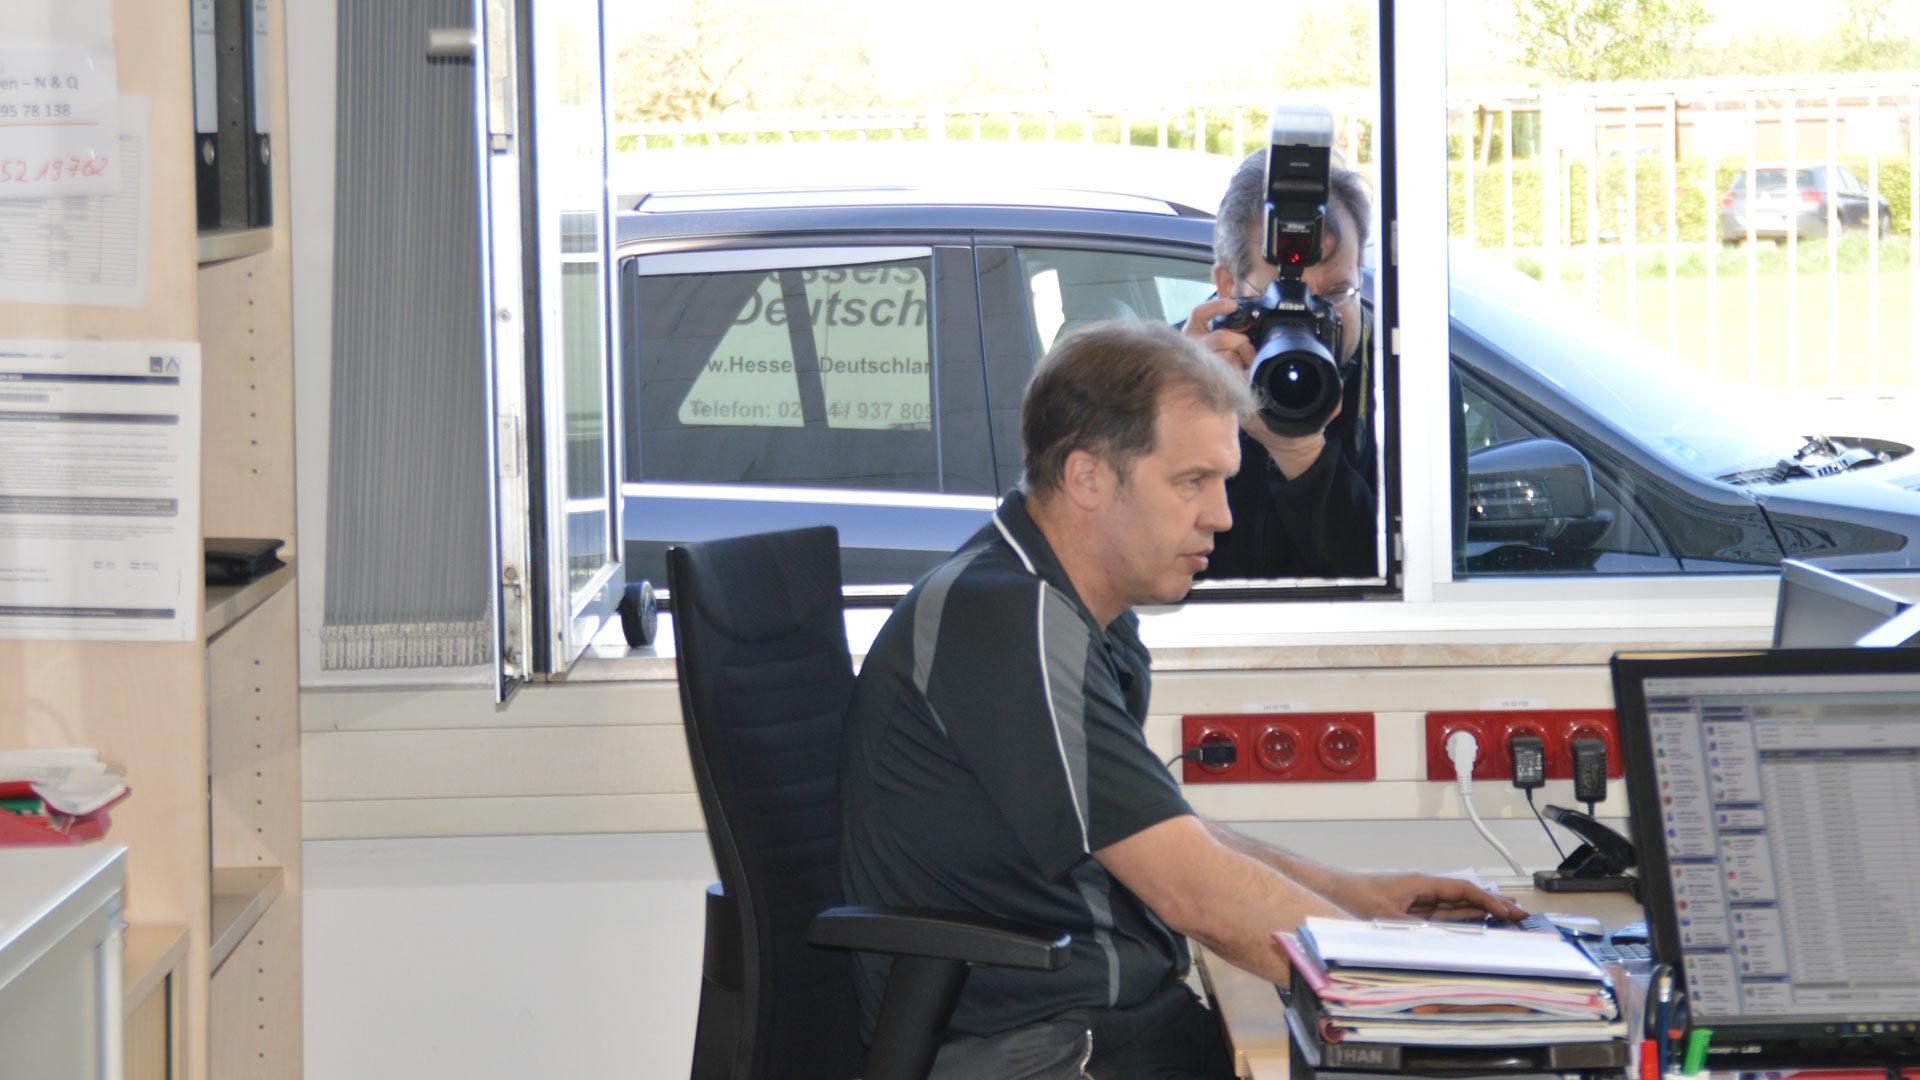 Making-of: Andreas Mann fotografiert hier das Motiv SERVICE BERATUNG. Der Aufsteckbitz löst den Blitz im Büro aus.